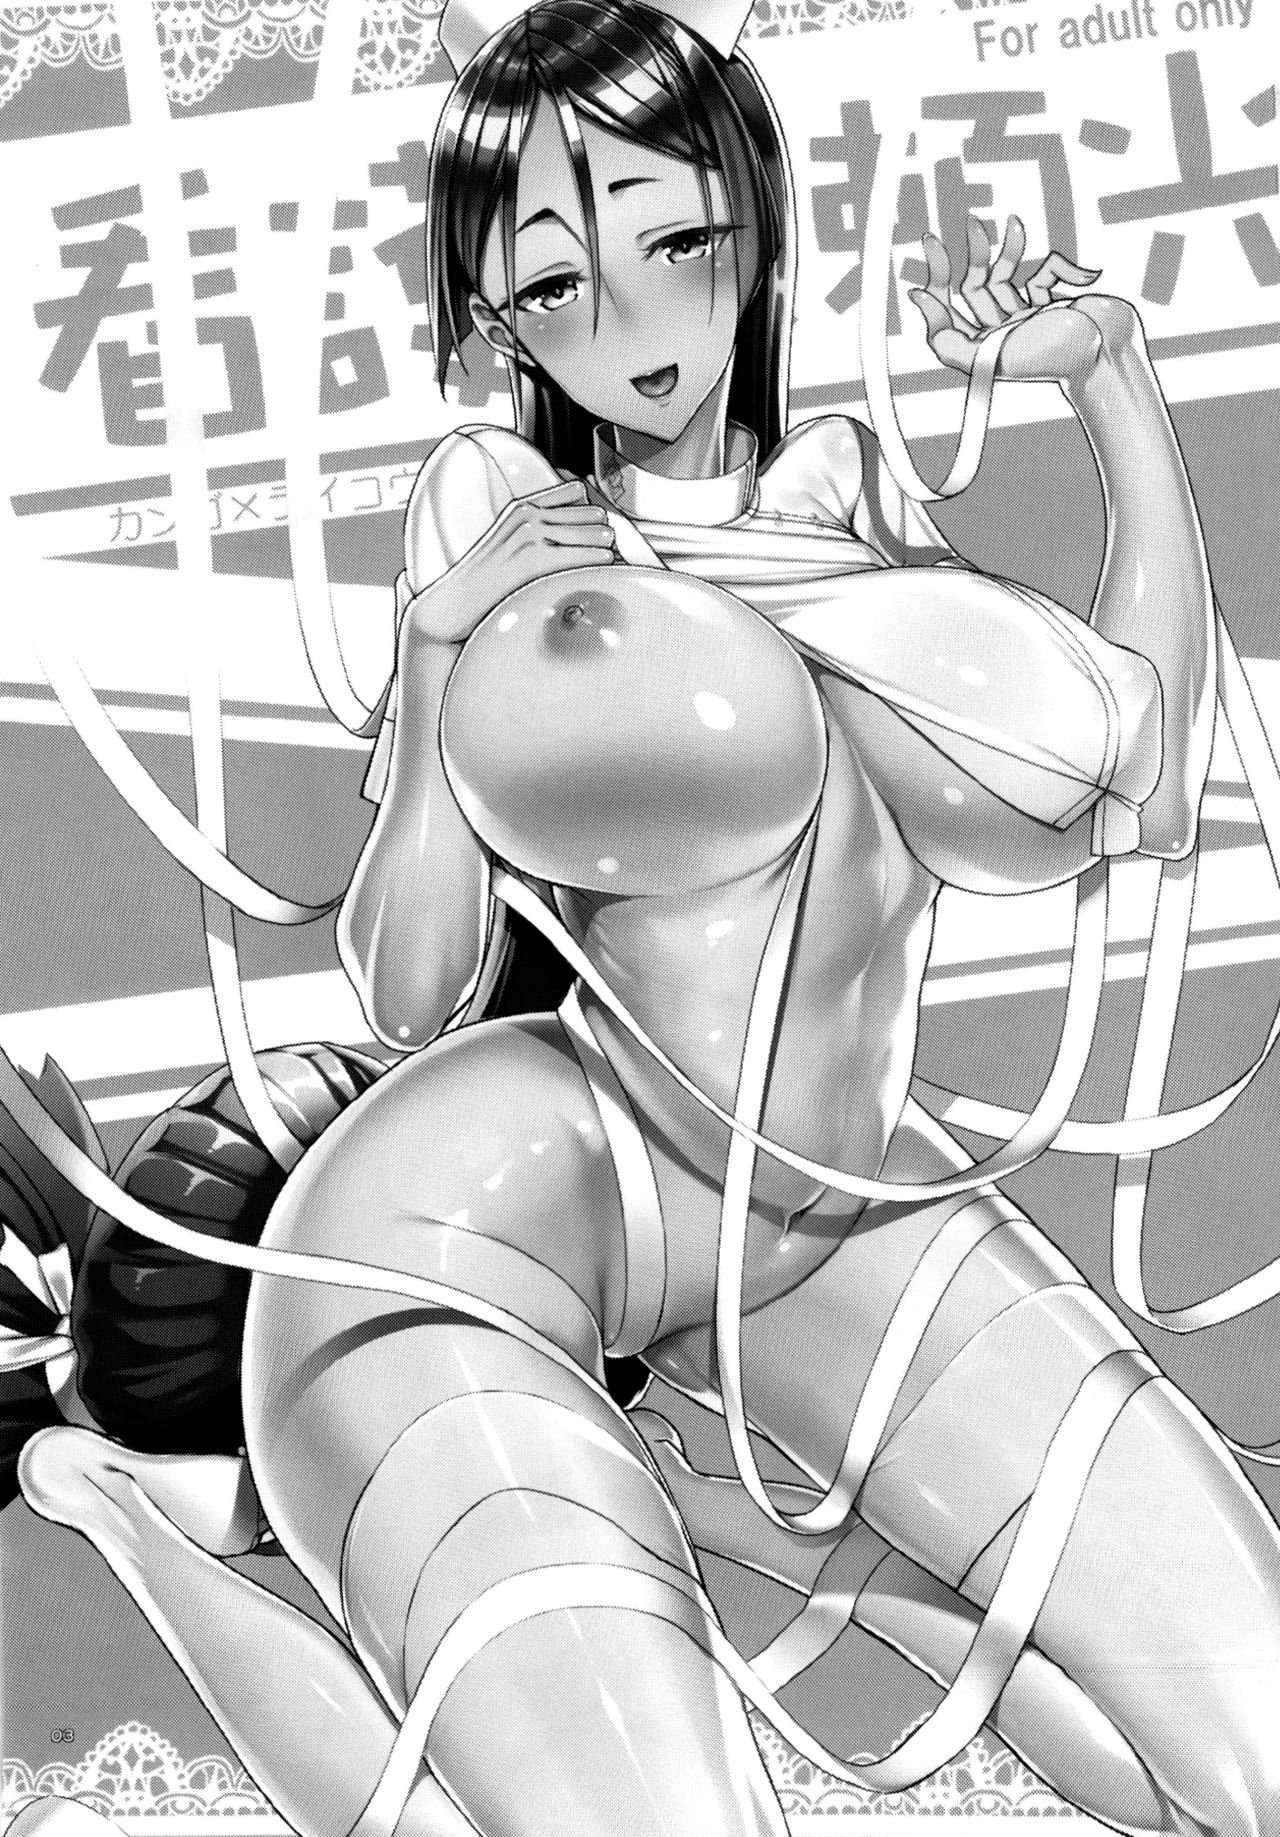 Медсестричка для тебя - порно комиксы Без цензуры, Анал, Большая грудь, Большие члены, Измена, Мастурбация, Порно комиксы, Хентай манга, манхва